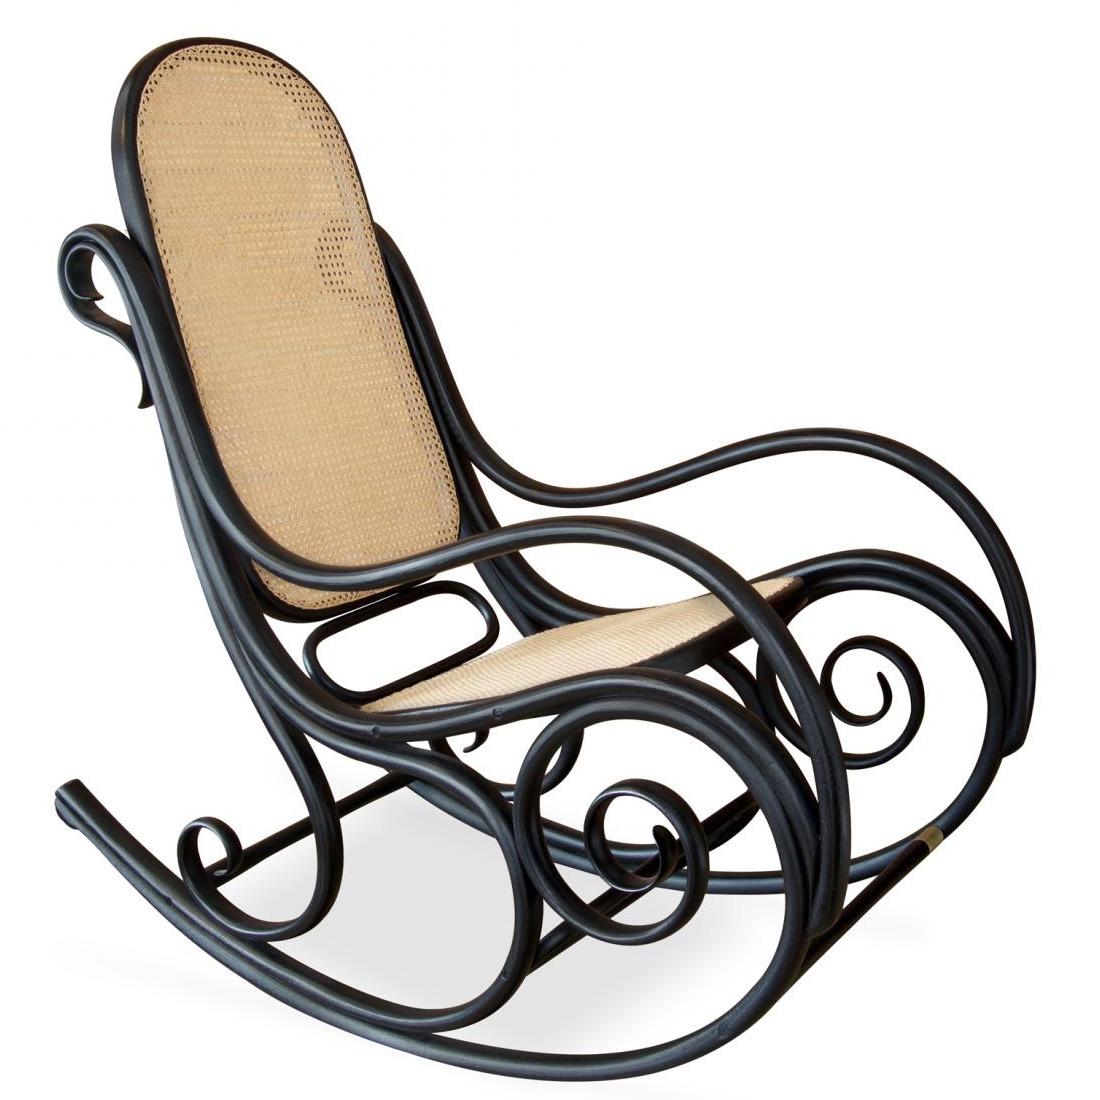 Cadeira de balanço Thonet Black